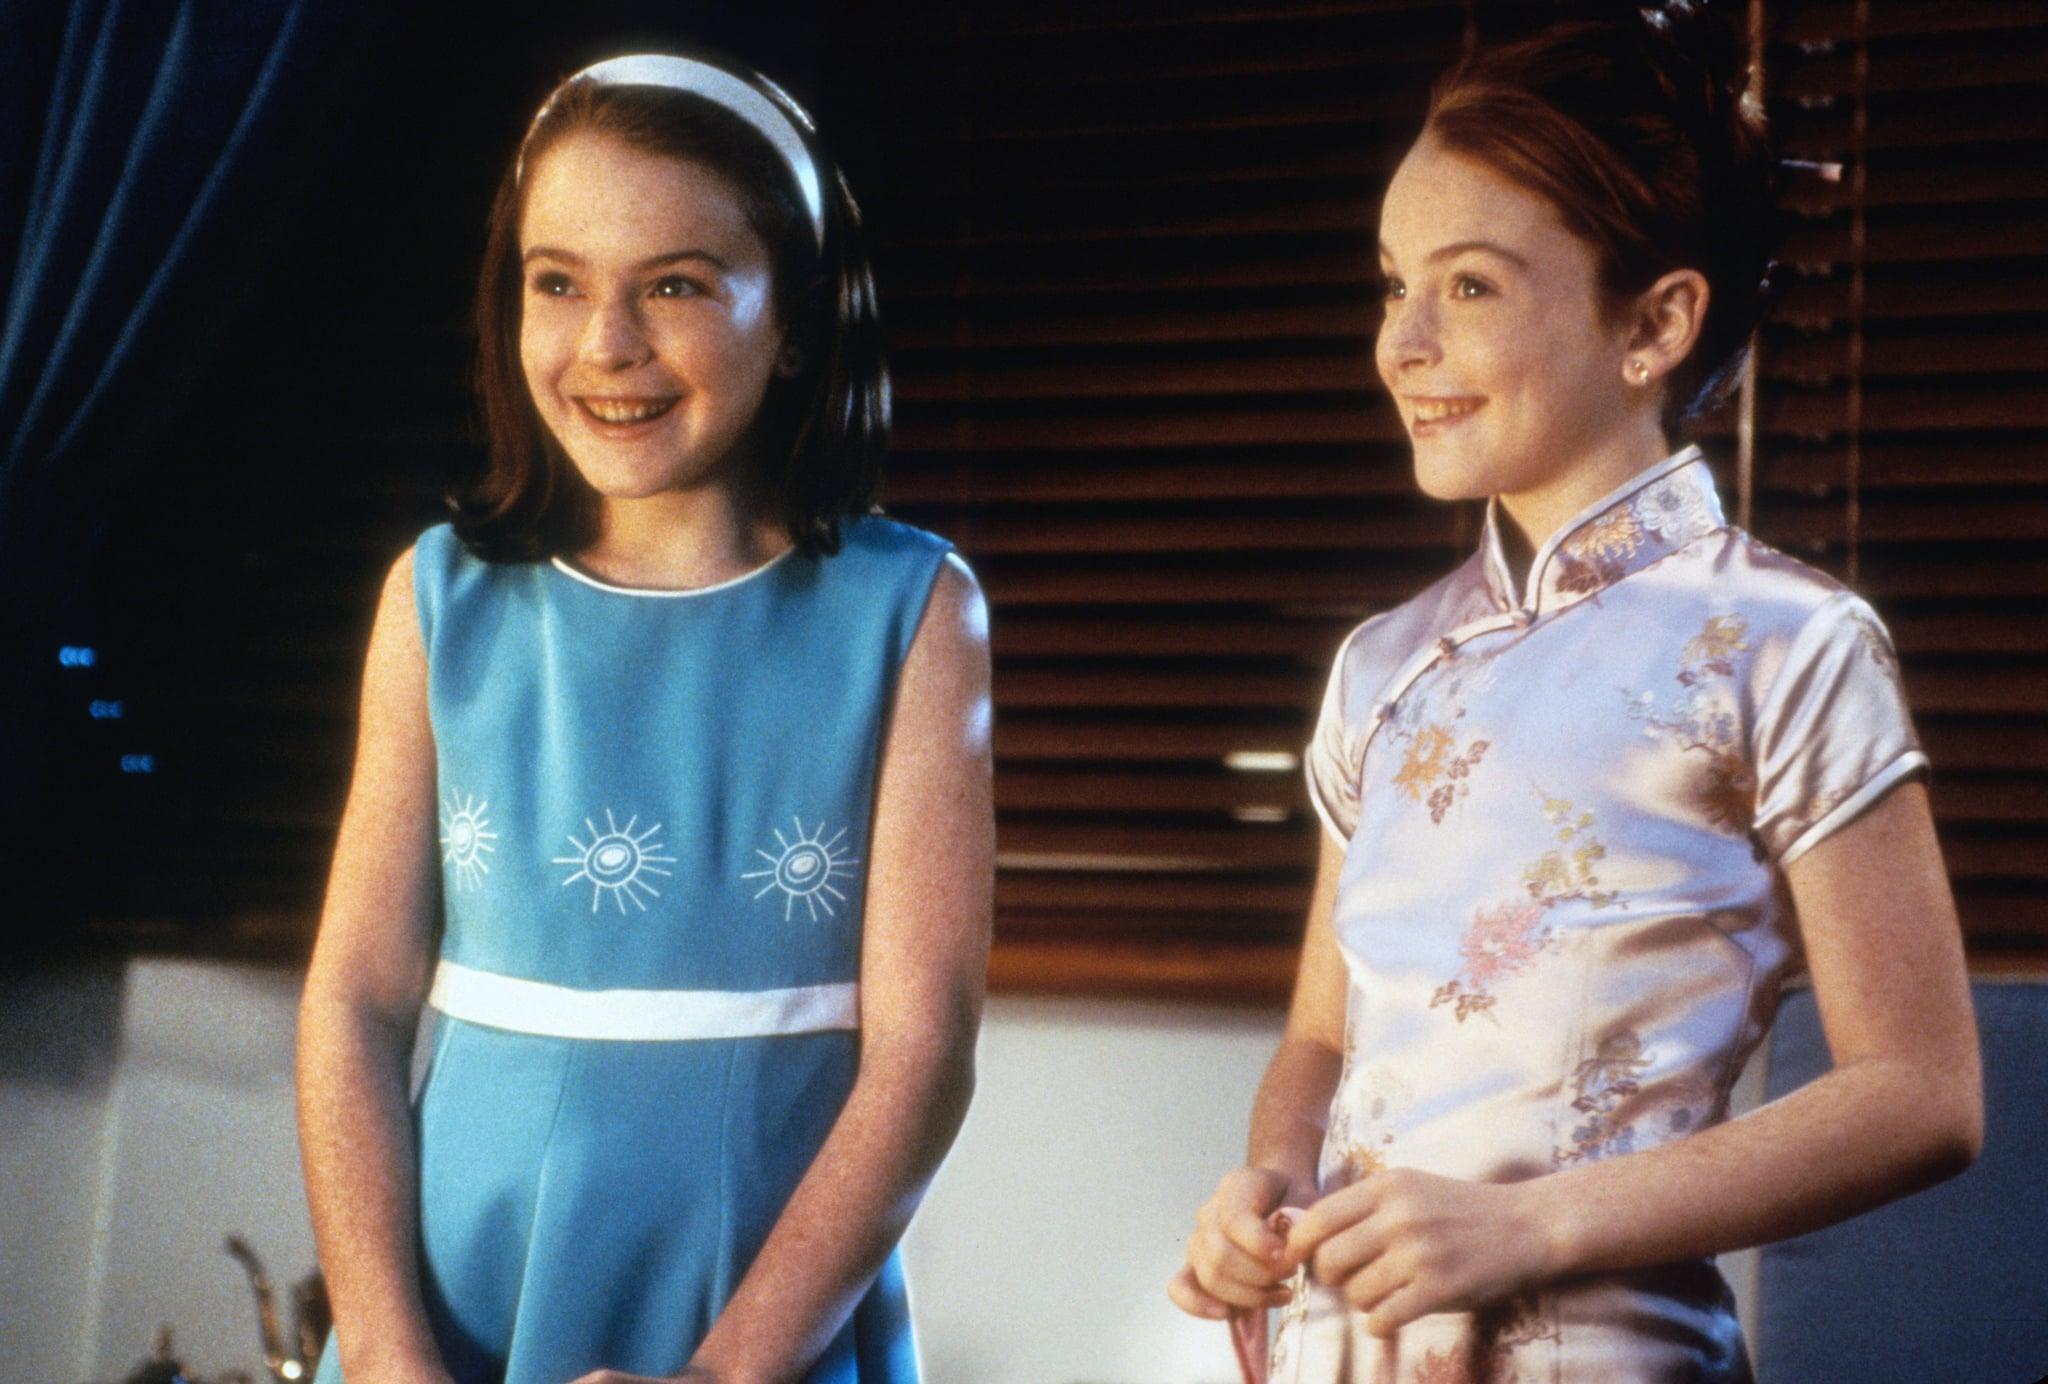 THE PARENT TRAP, Lindsay Lohan, 1998